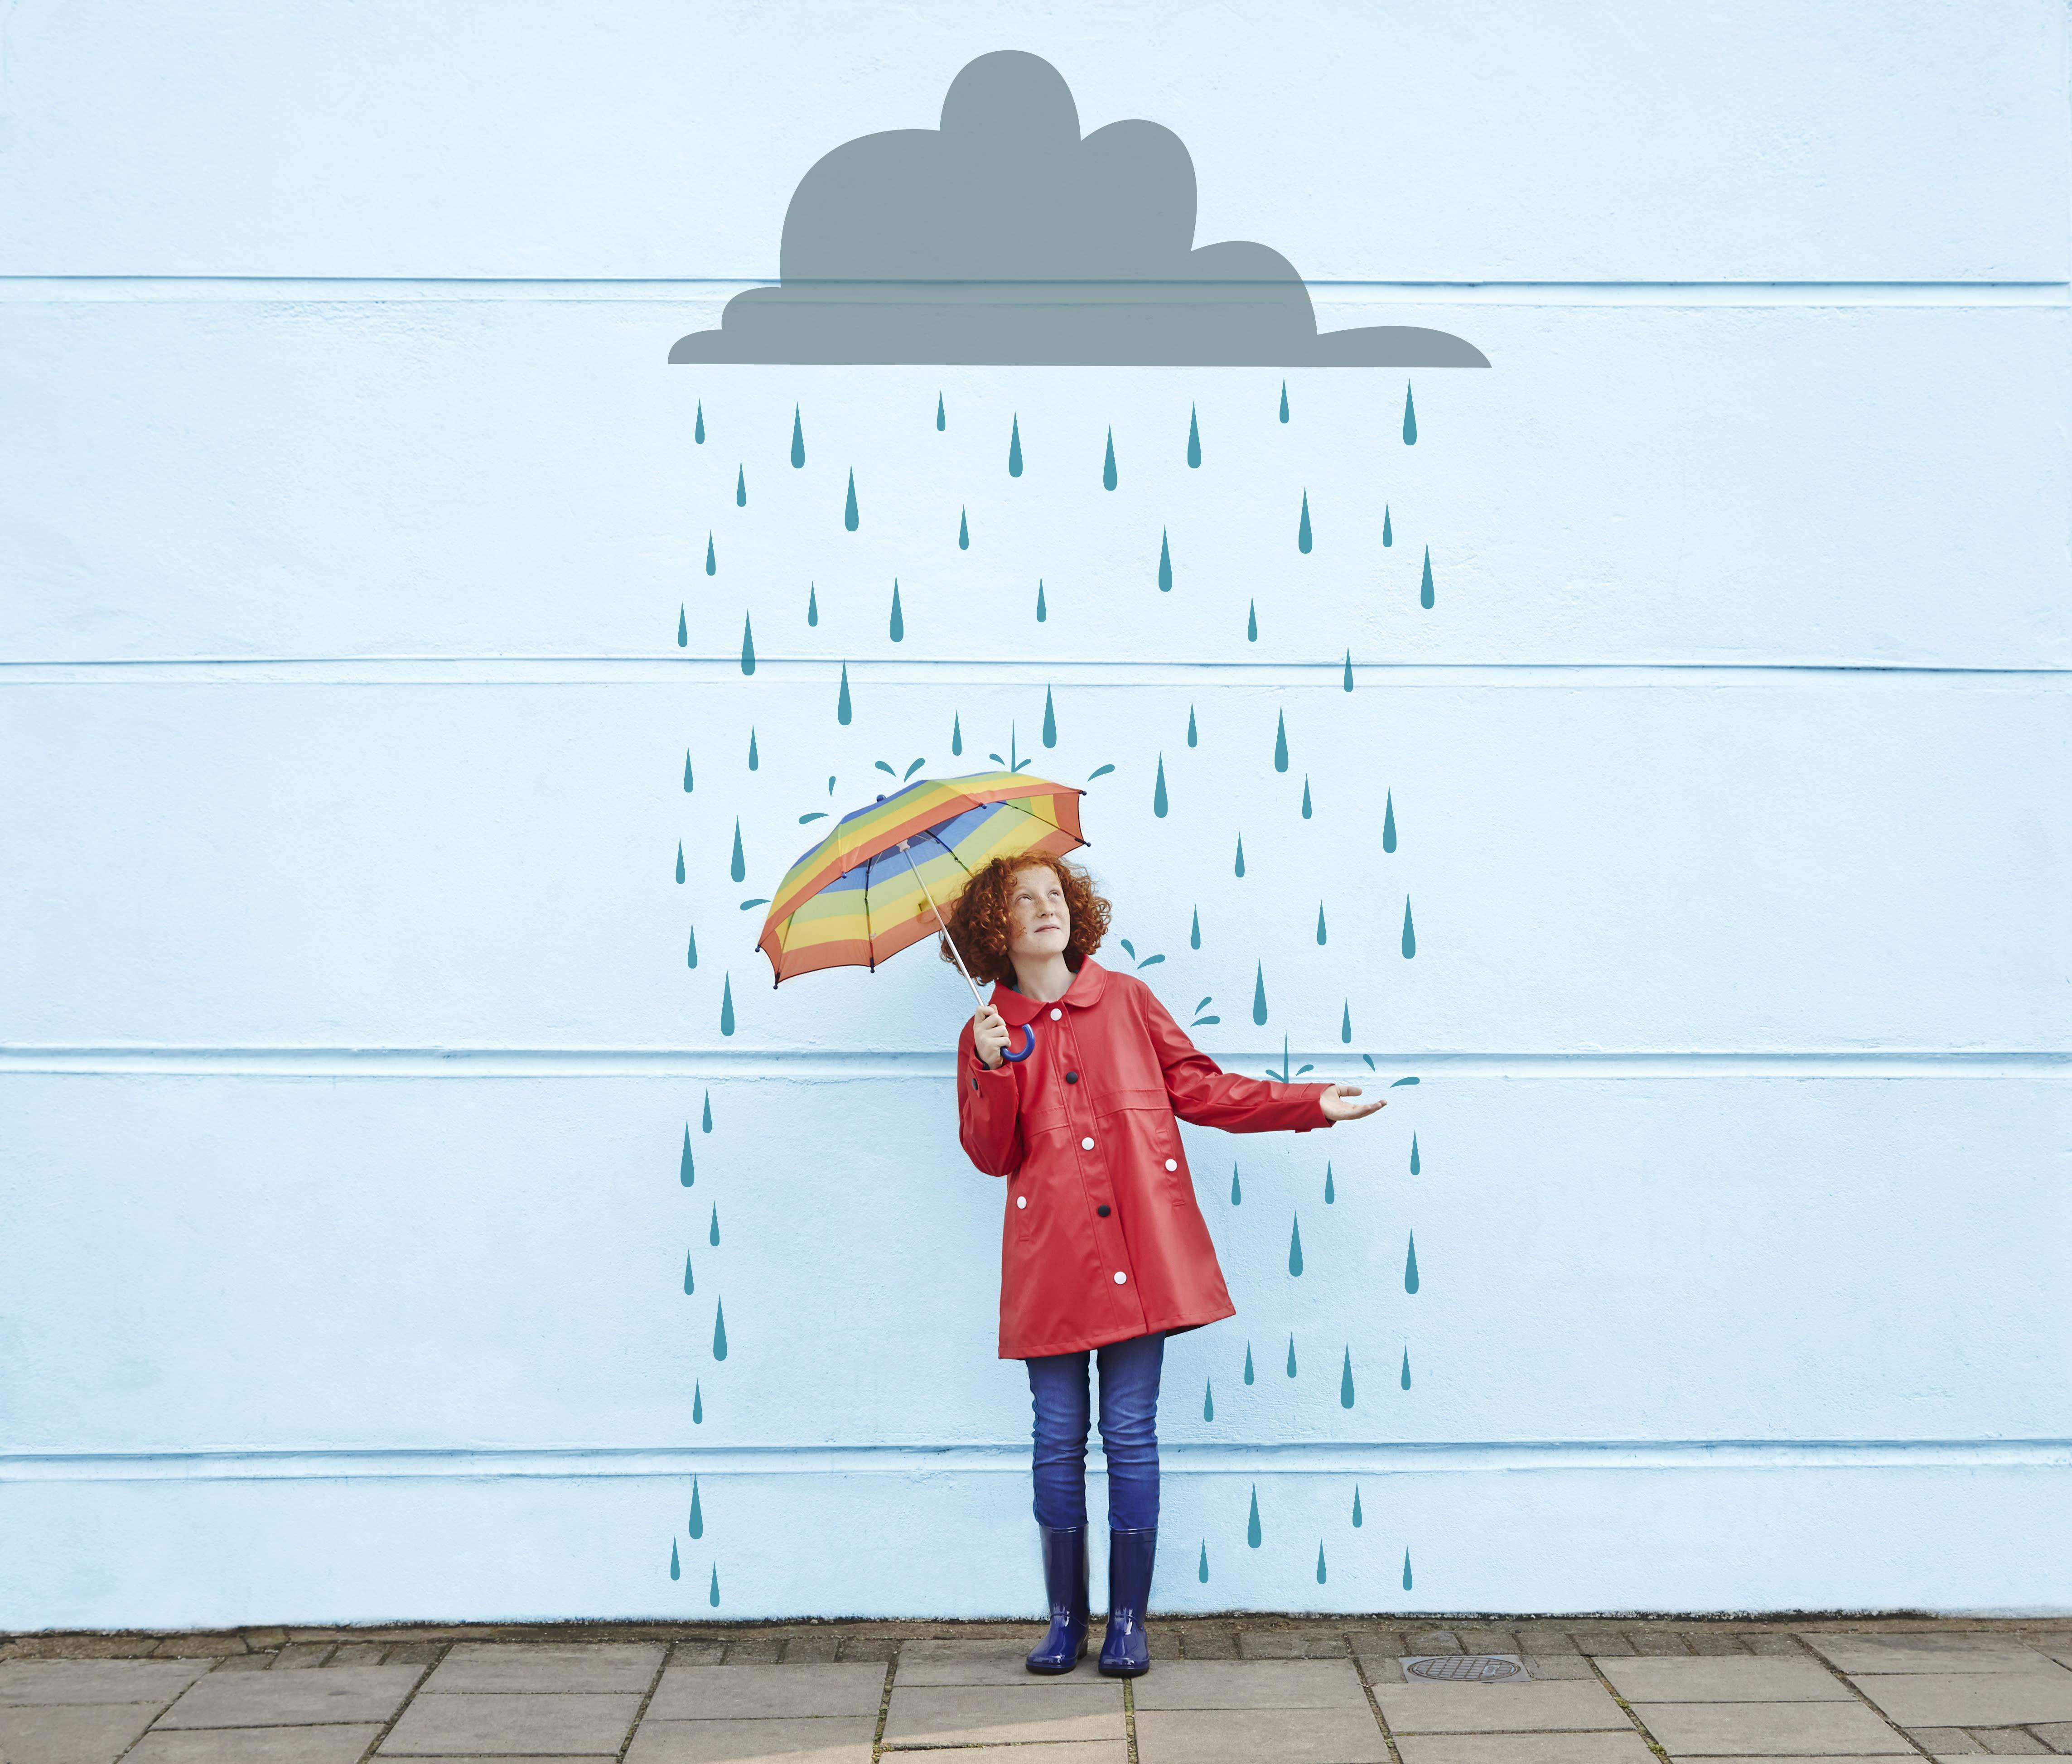 ¿Cómo superar la adversidad? El poder de la esperanza